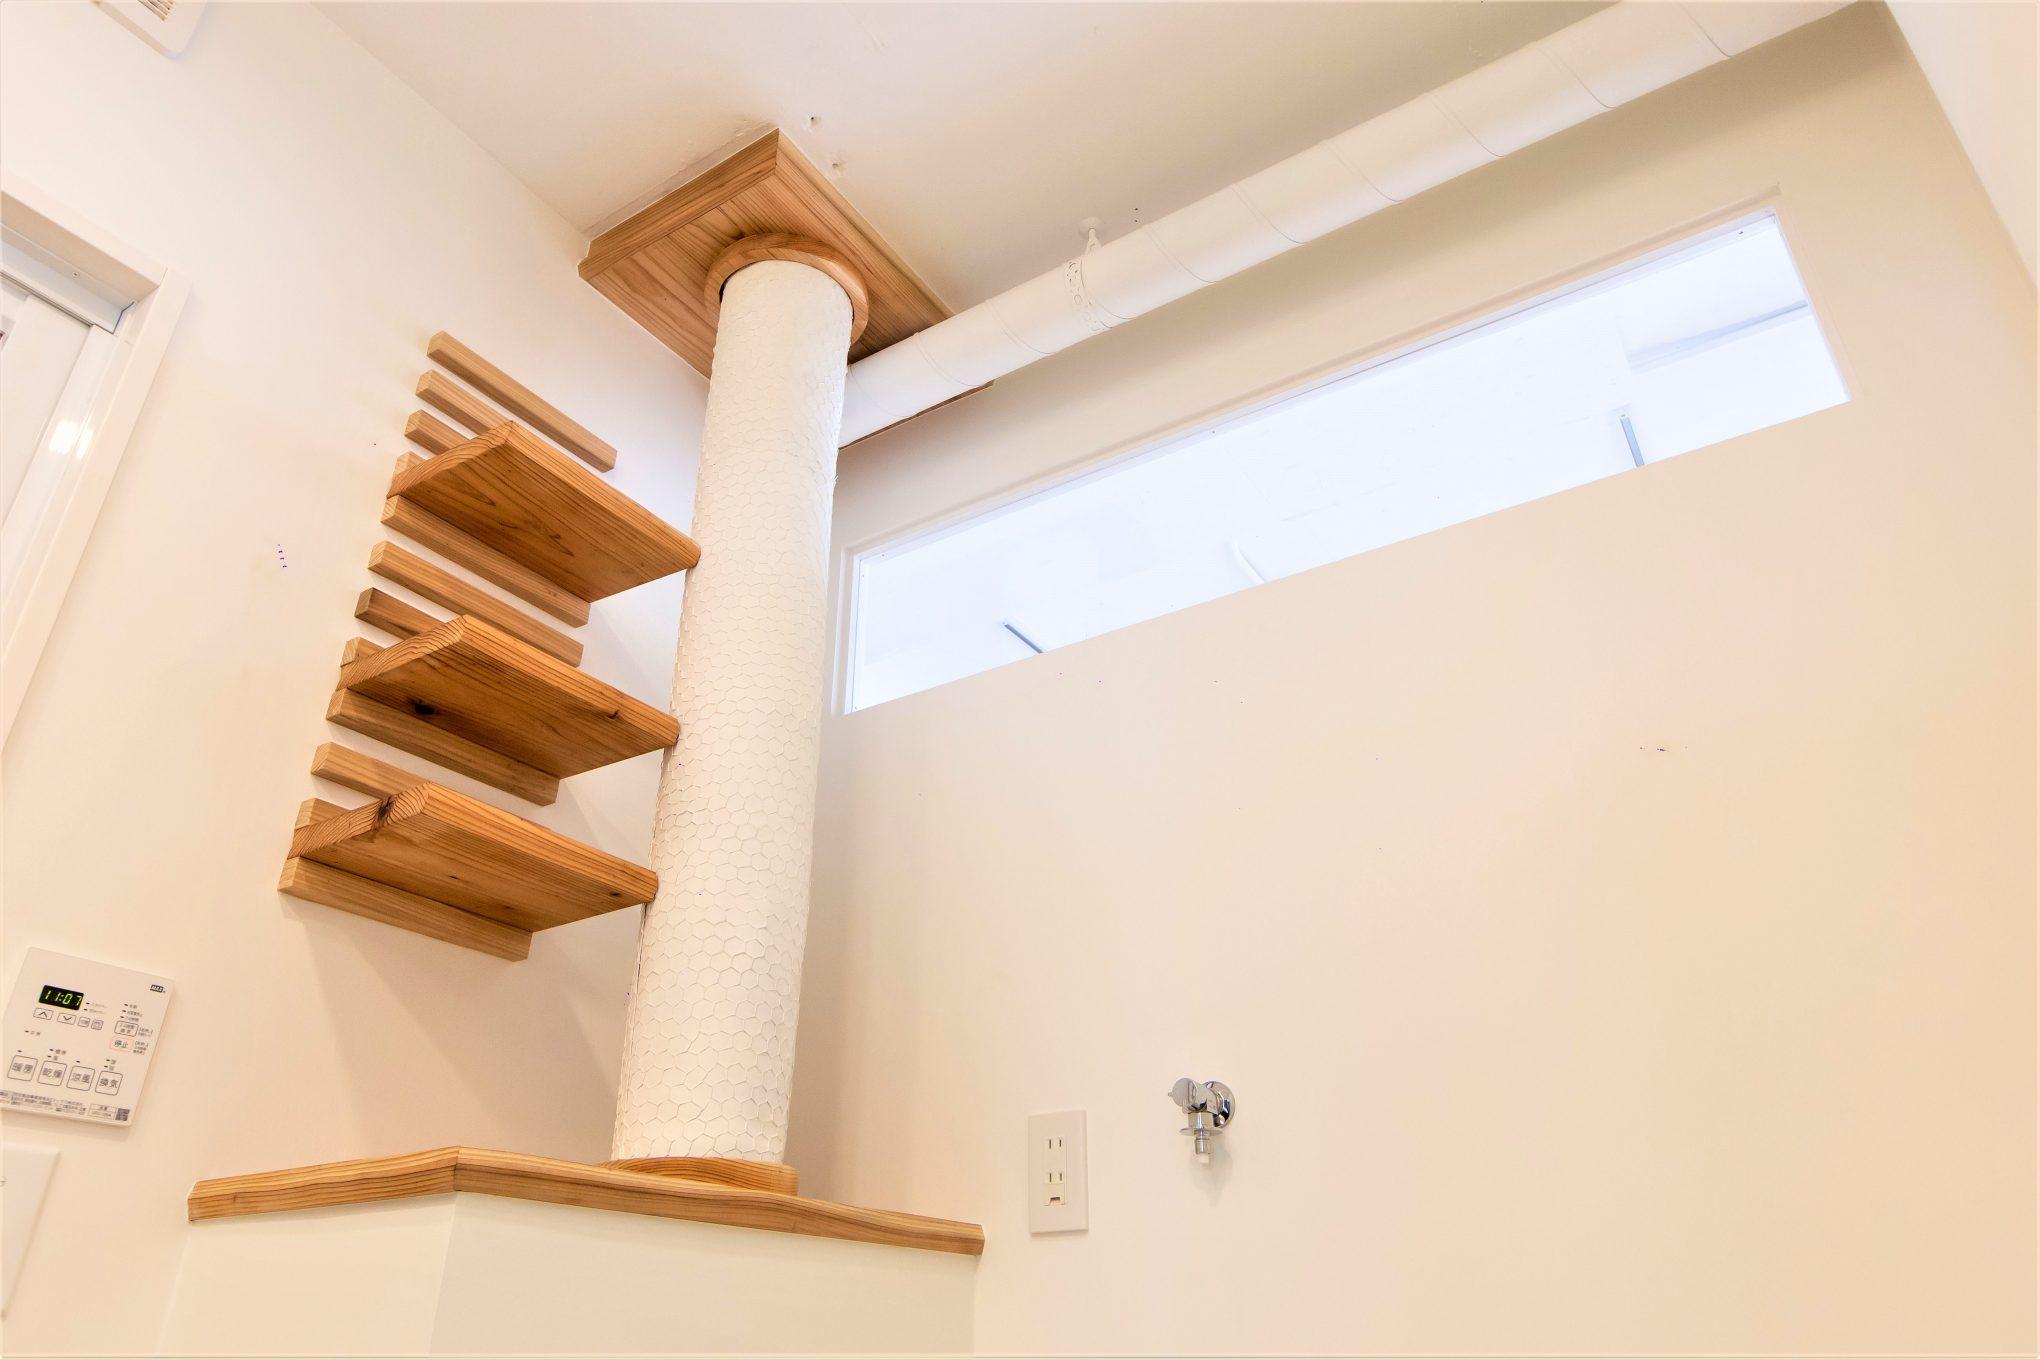 排水管をおしゃれにデザインした脱衣所スペース